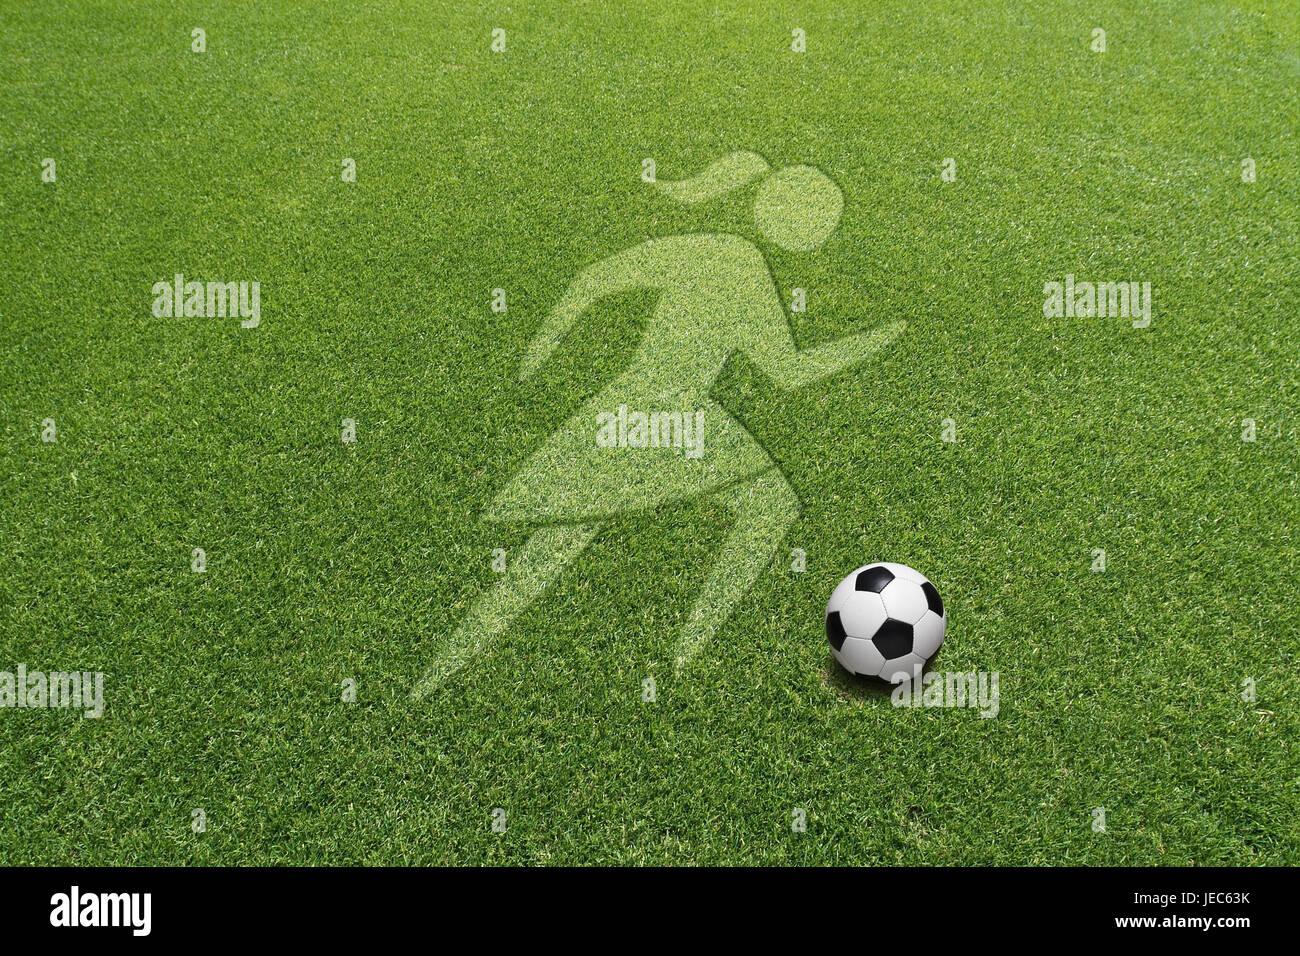 Turfs, icon, icon, women's football, - Stock Image